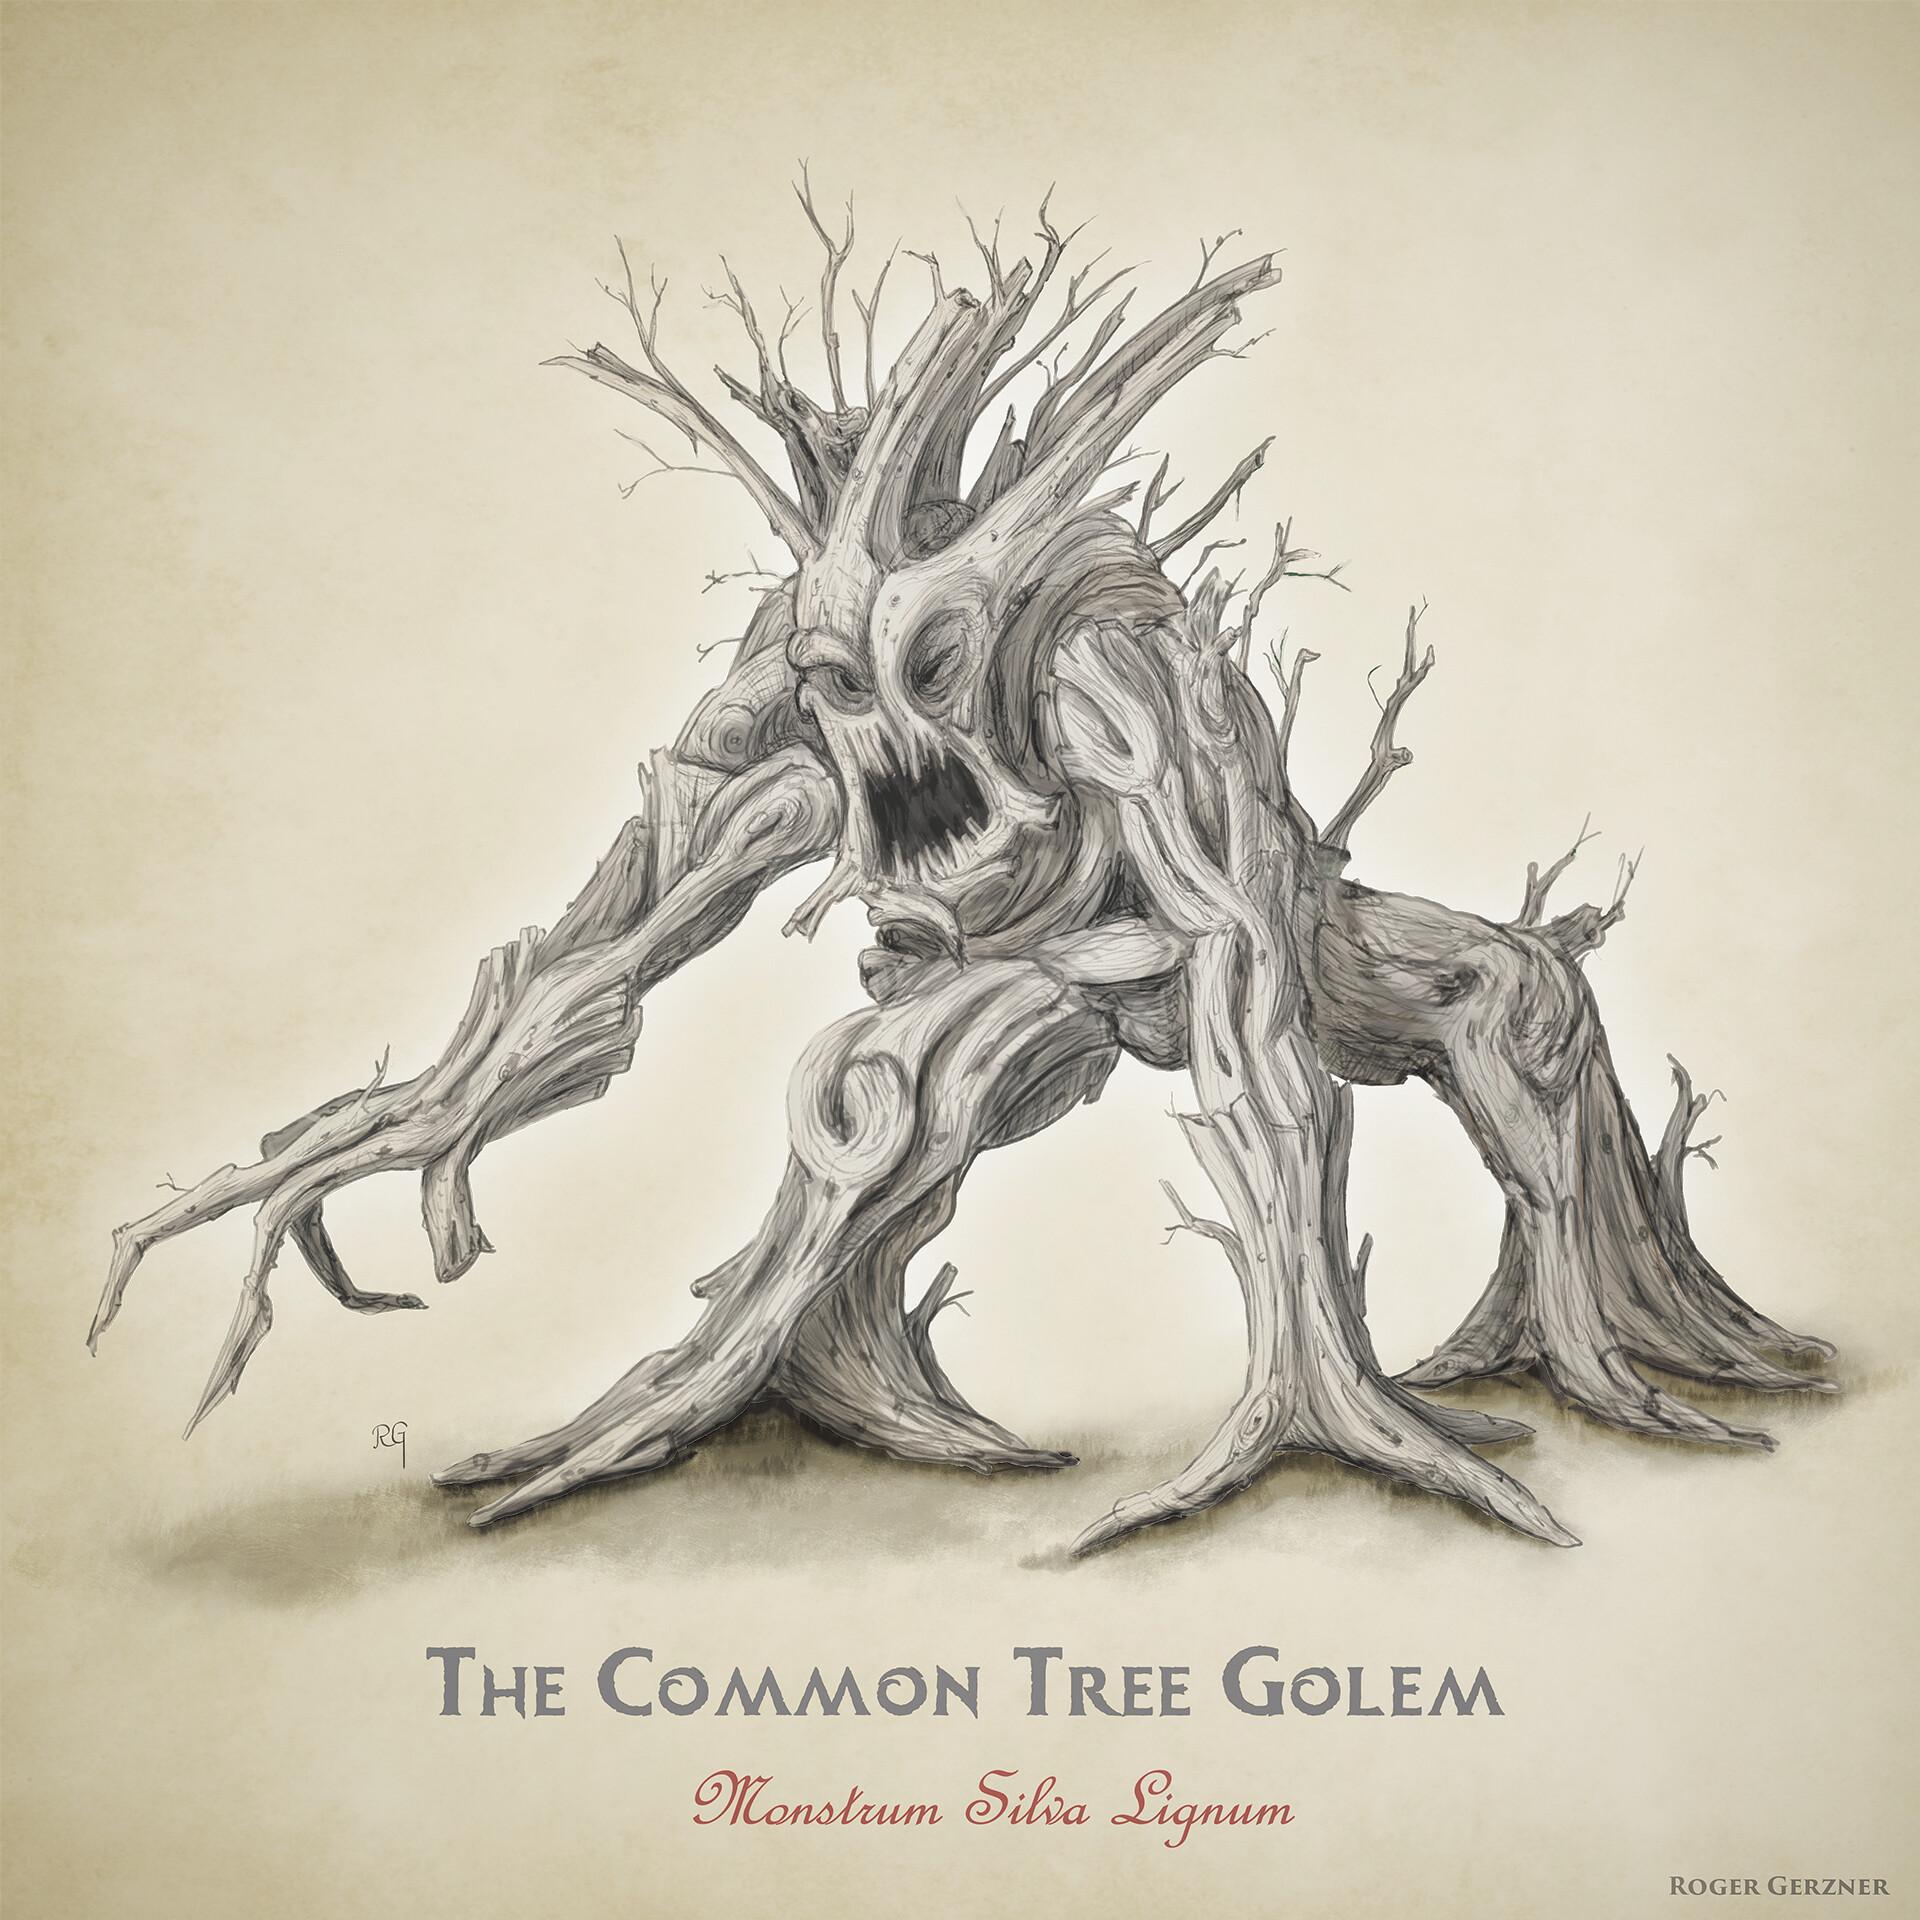 Roger gerzner gnorl tree monster pencile